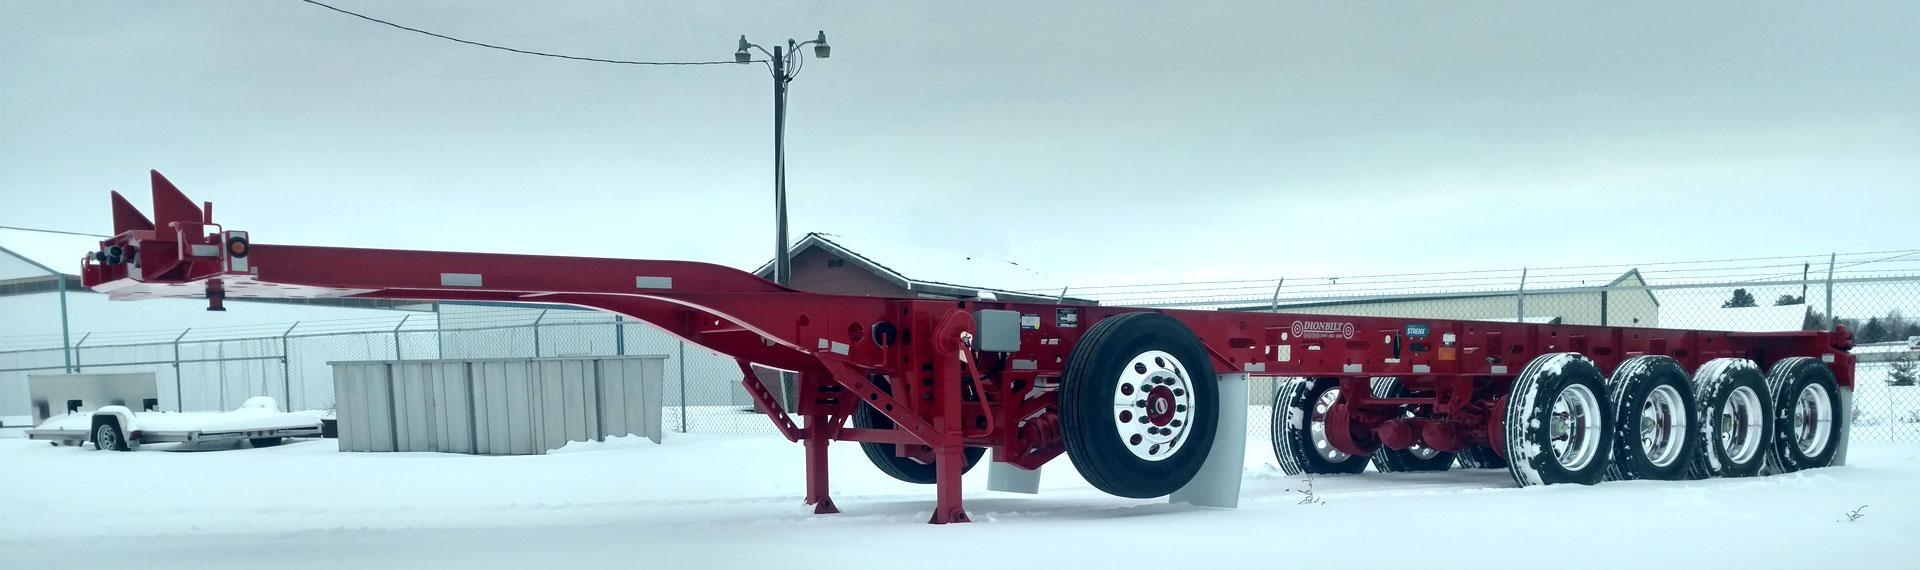 Długie lekkie podwozie przyczepy wykonane ze Strenx® 100 stoi na śnieżnym podłożu